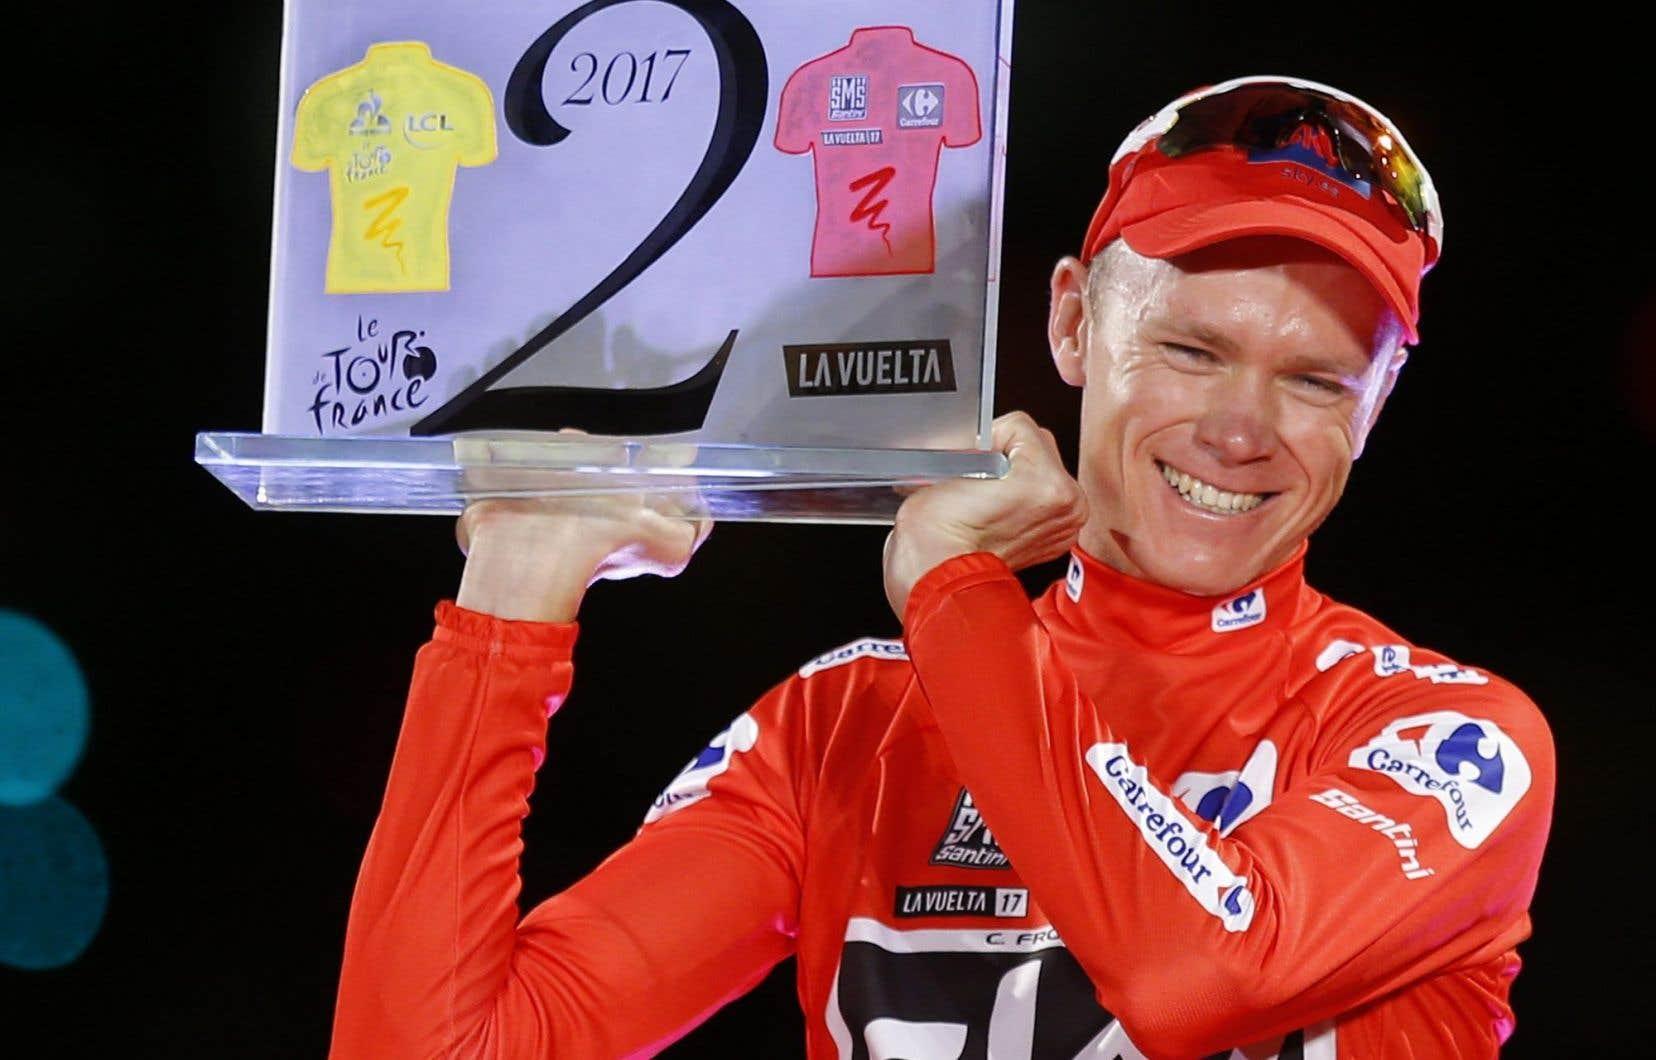 Le britannique Chris Froome célèbre sur le podium après avoir remporté la Vuelta.